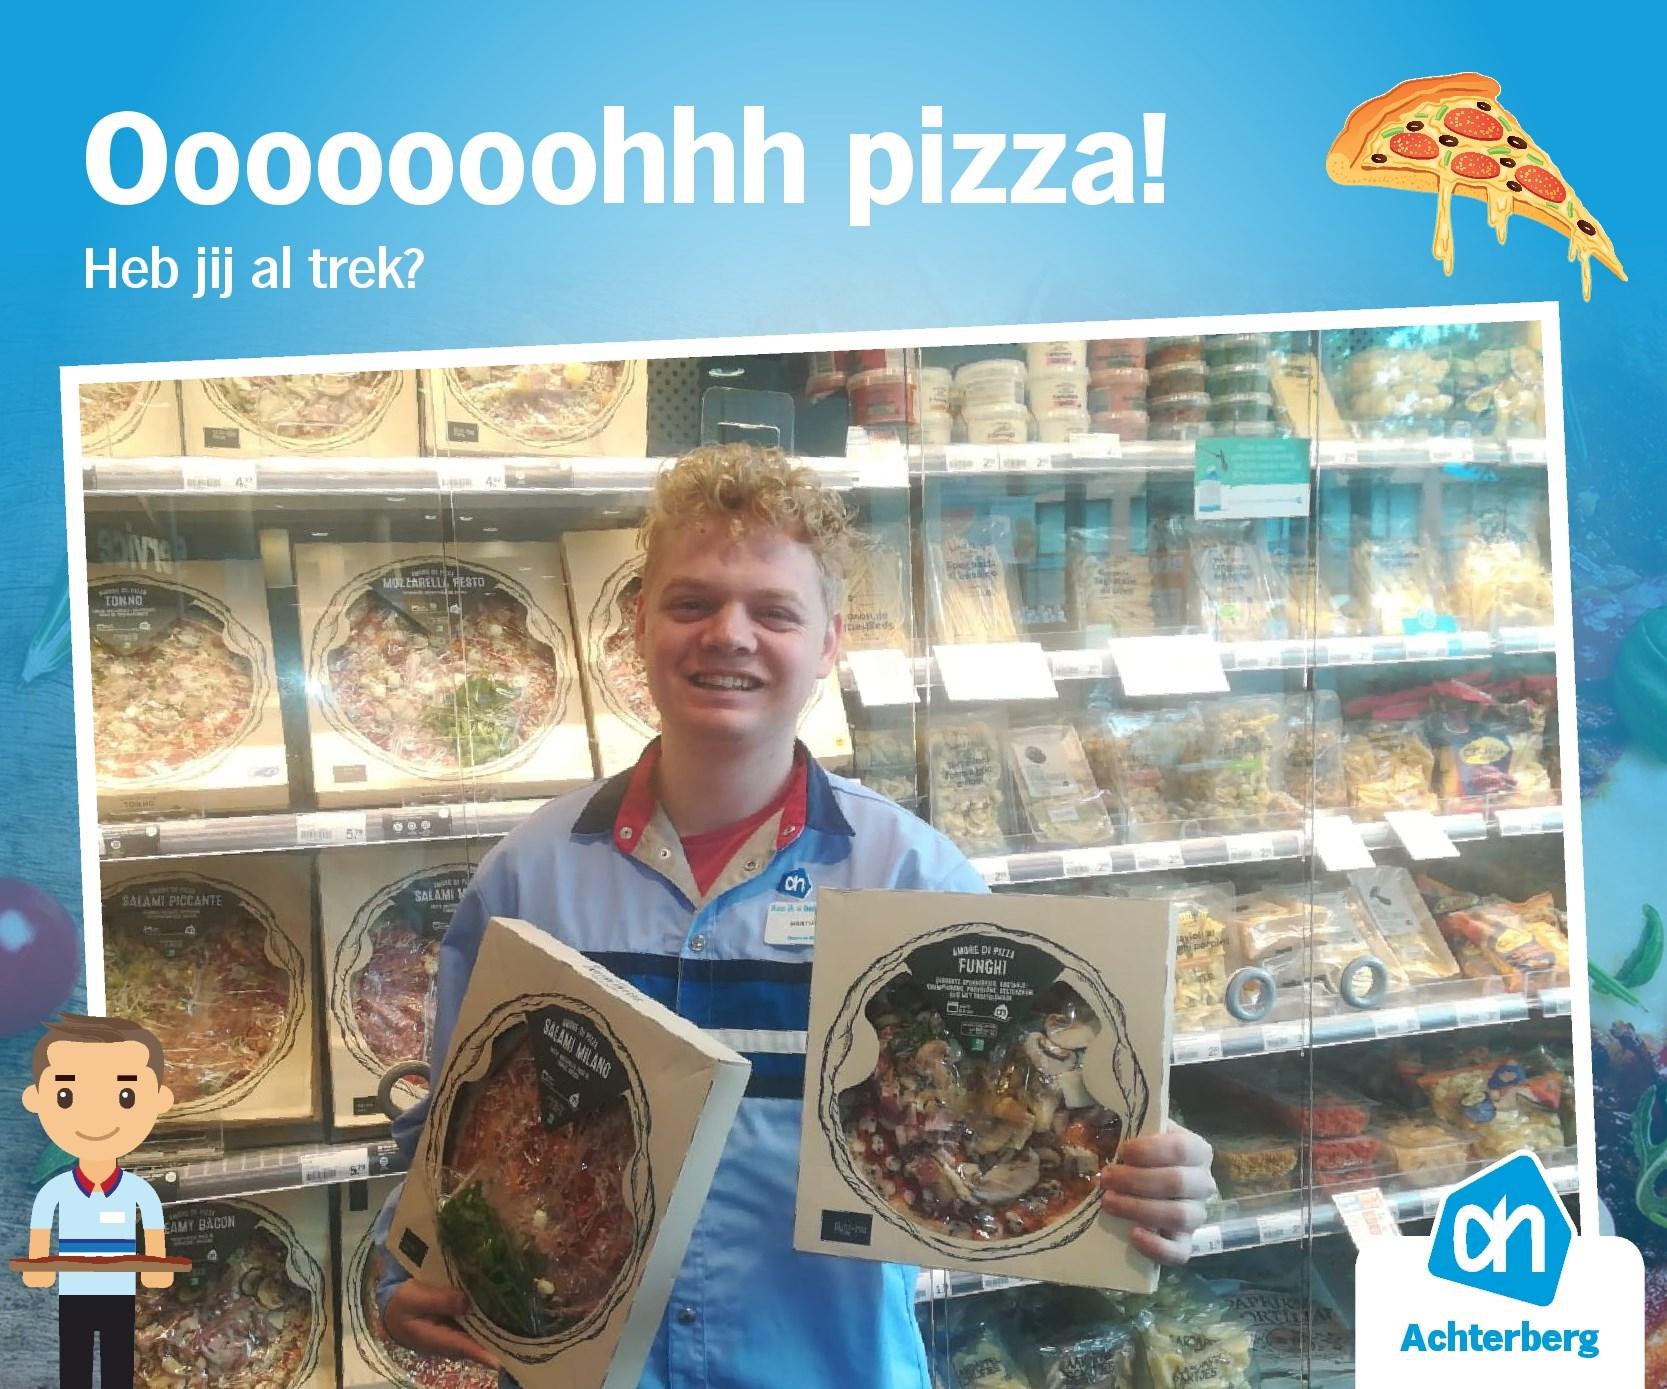 Oooooooohhhh pizza!